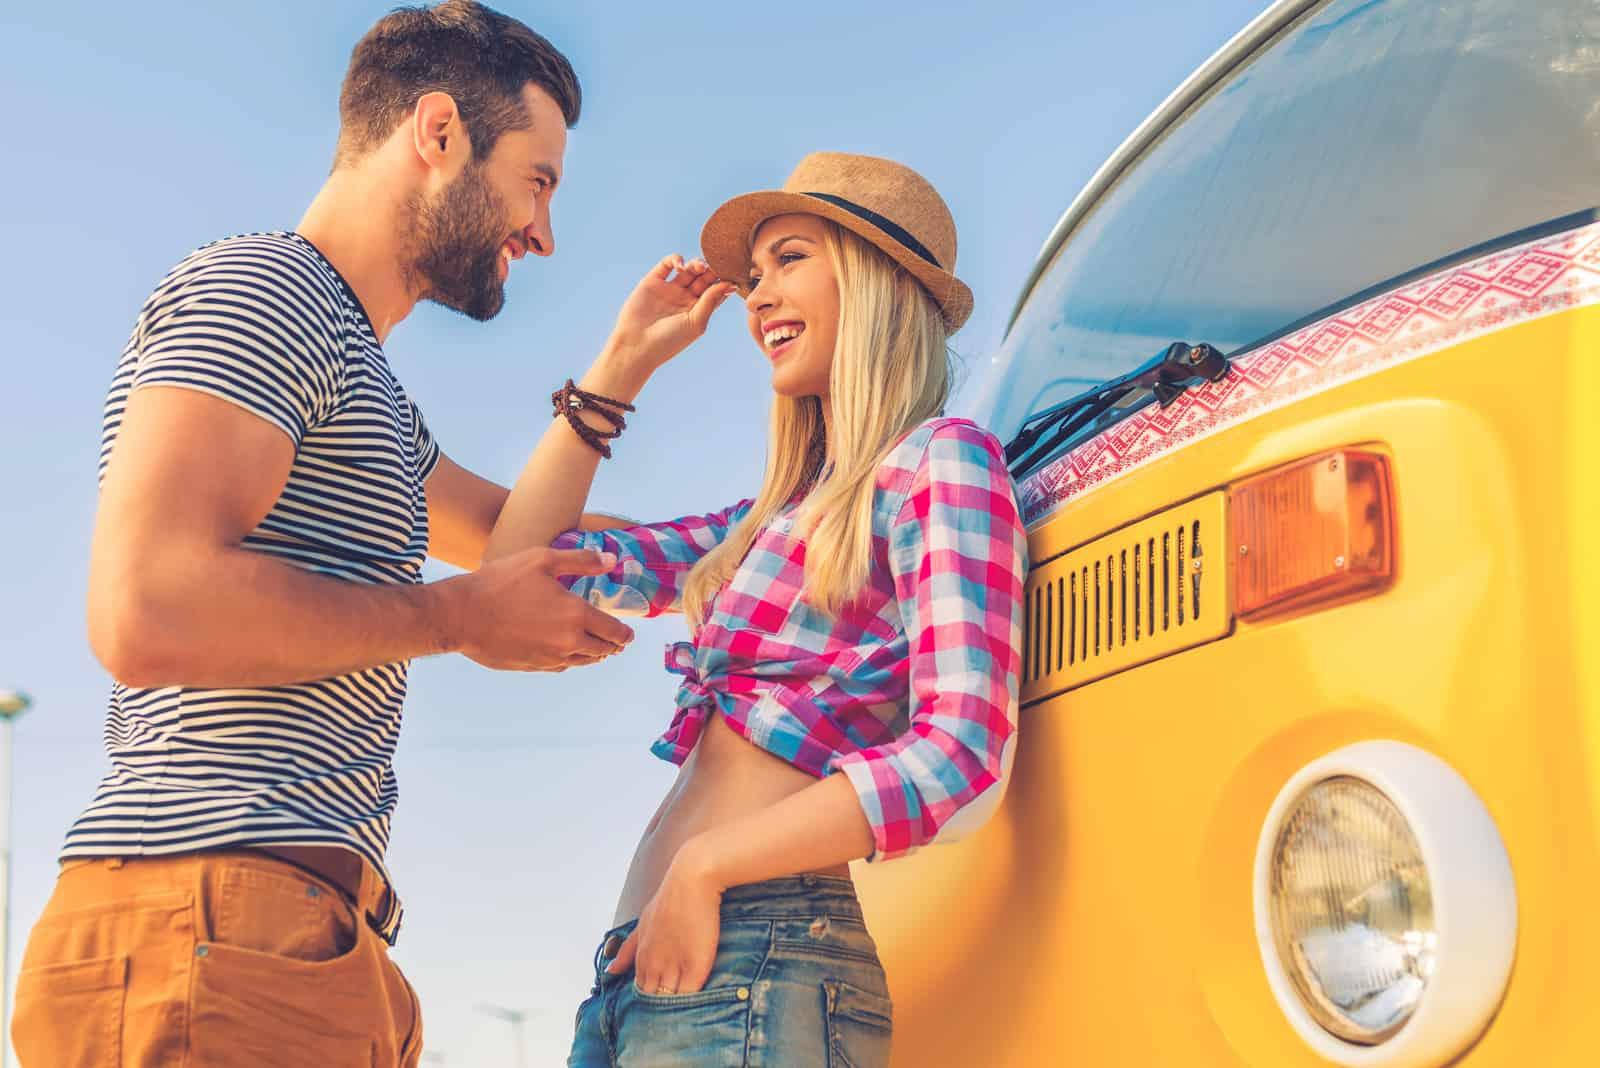 homme et femme souriant près d'un van